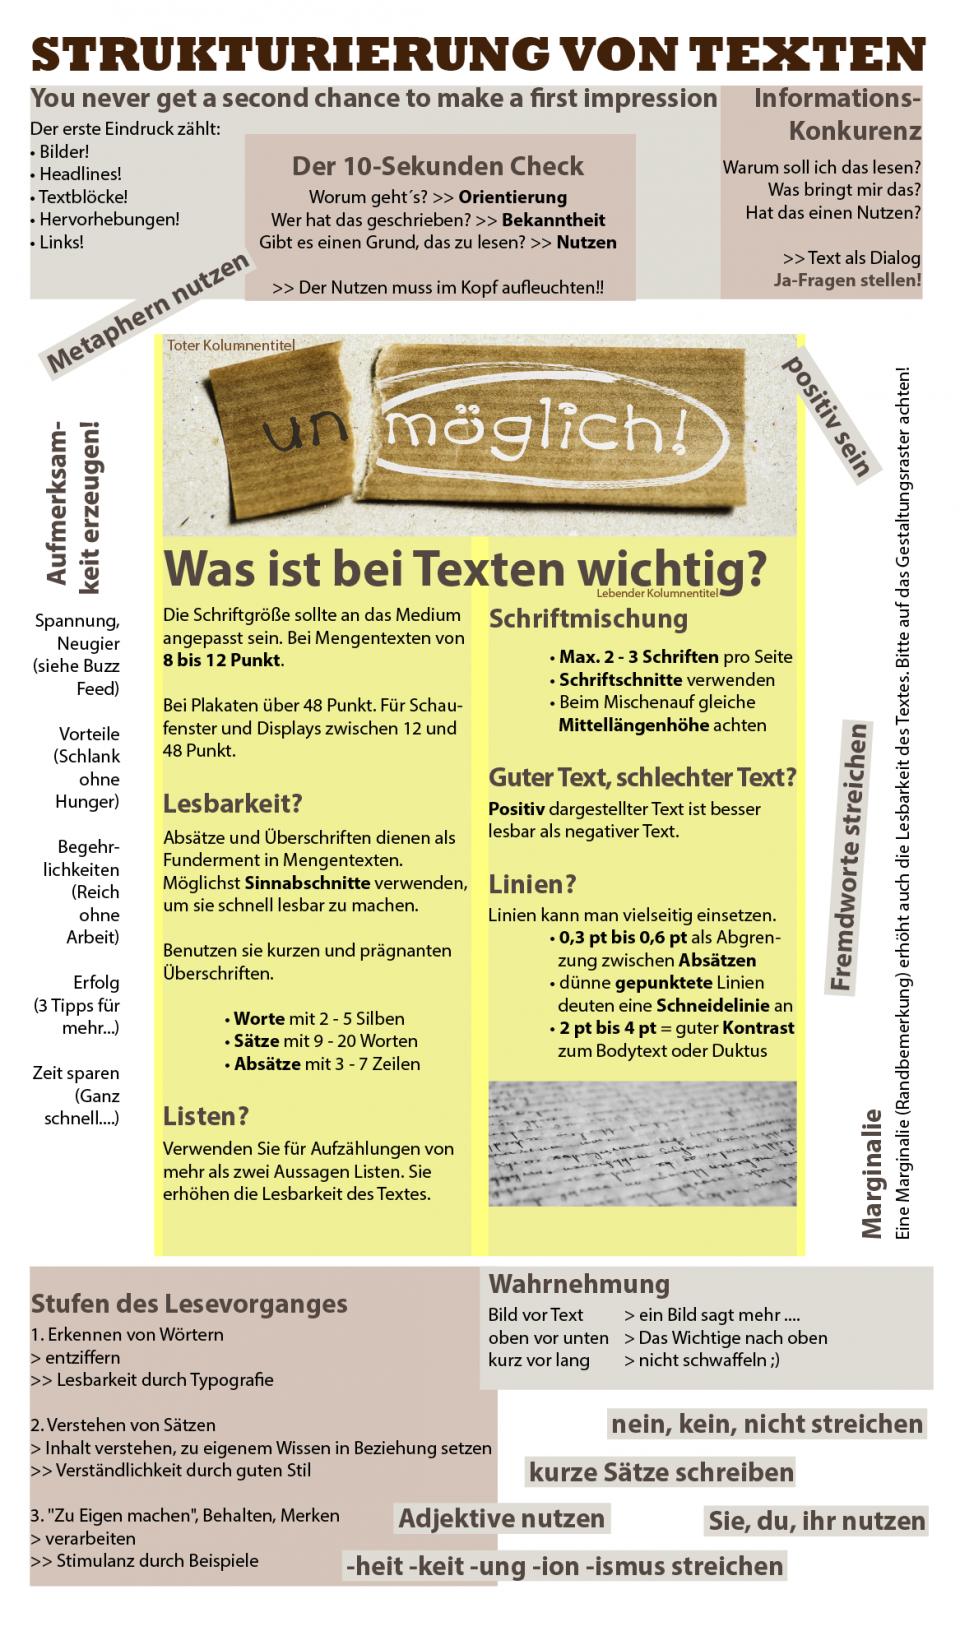 Infografik – Strukturierung von Texten